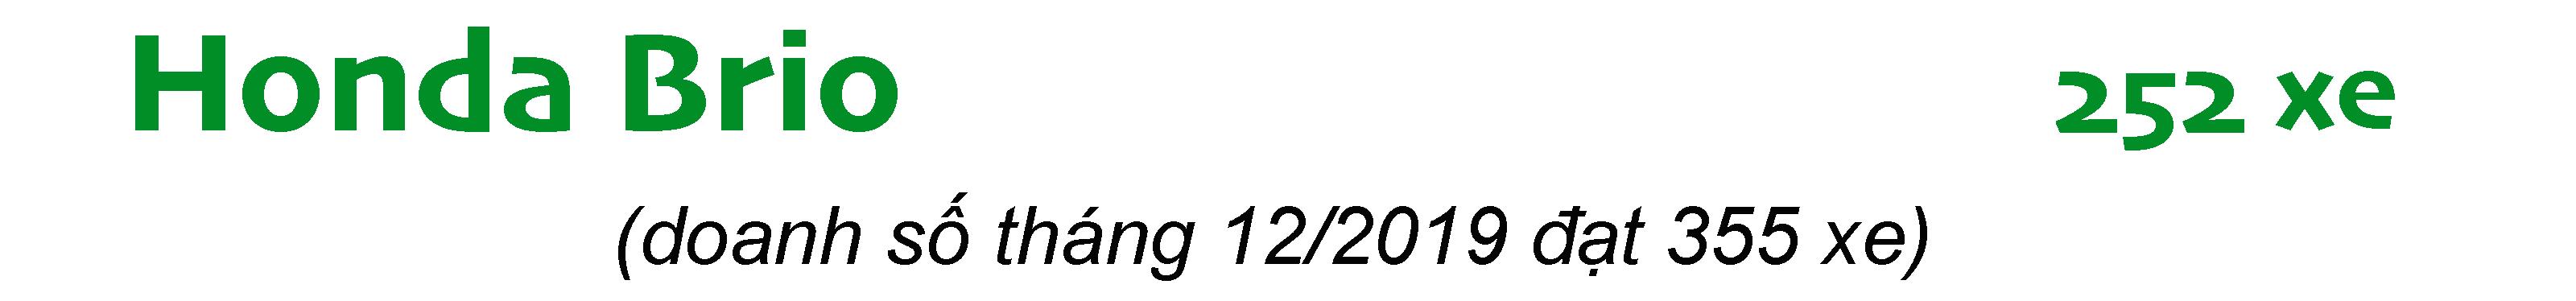 Phân khúc xe đô thị tháng 1/2020: Honda Brio vượt Toyota Wigo - 7